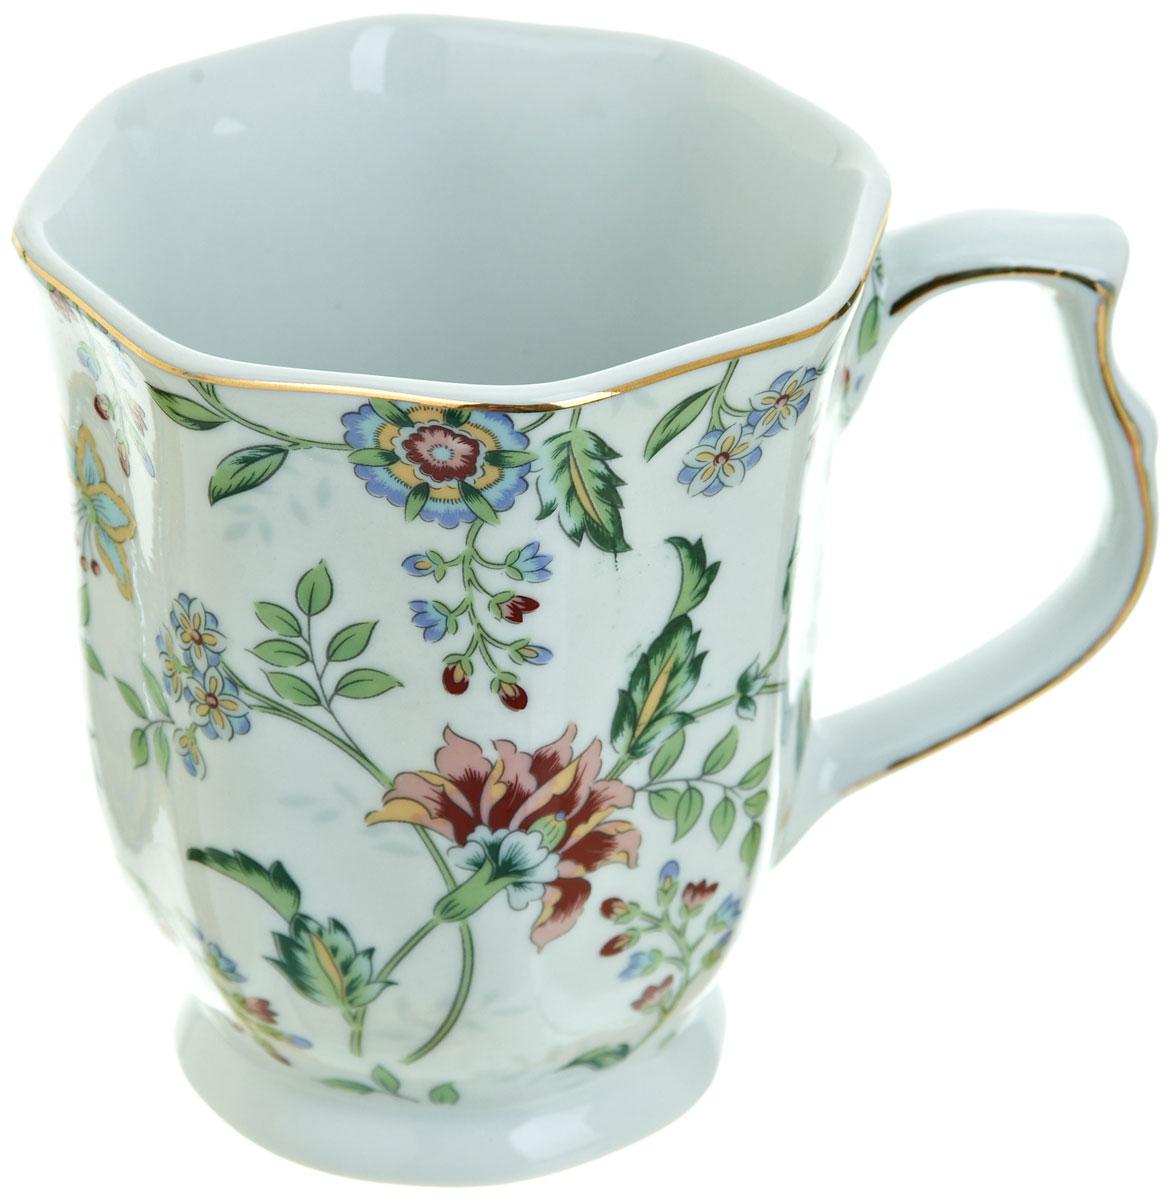 Кружка BHP Альпийский сад, 350 млM1270260Оригинальная кружка Best Home Porcelain, выполненная из высококачественного фарфора, сочетает в себе изысканный дизайн с максимальной функциональностью. Красочность оформления кружки придется по вкусу и ценителям классики, и тем, кто предпочитает утонченность и изысканность. В комплект входит кружка. Можно использовать в ПММ.